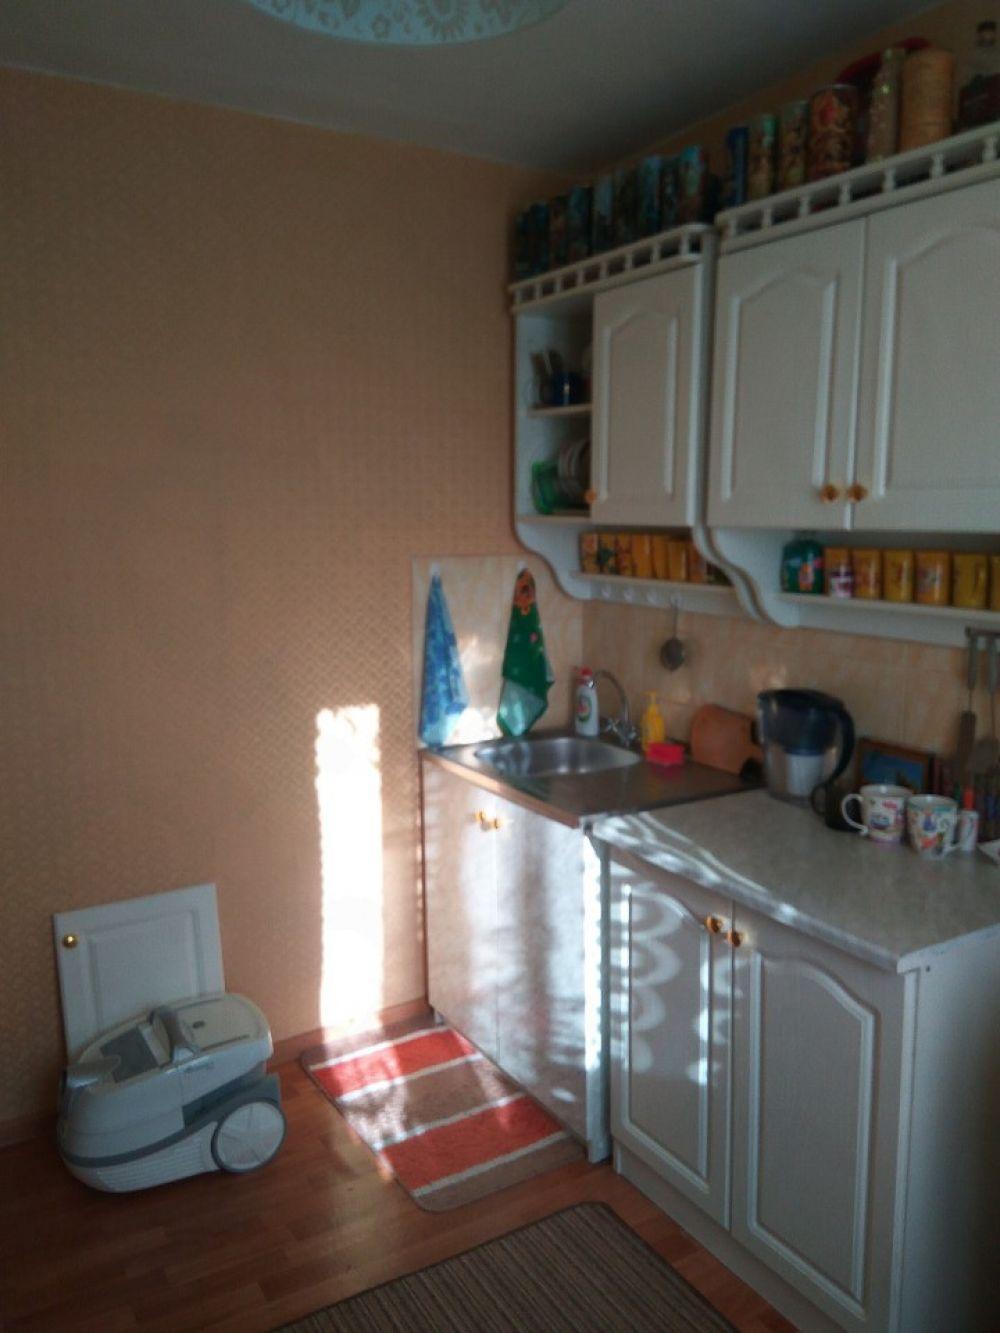 1-к квартира, Щёлково, ул. Неделина, 17, фото 4